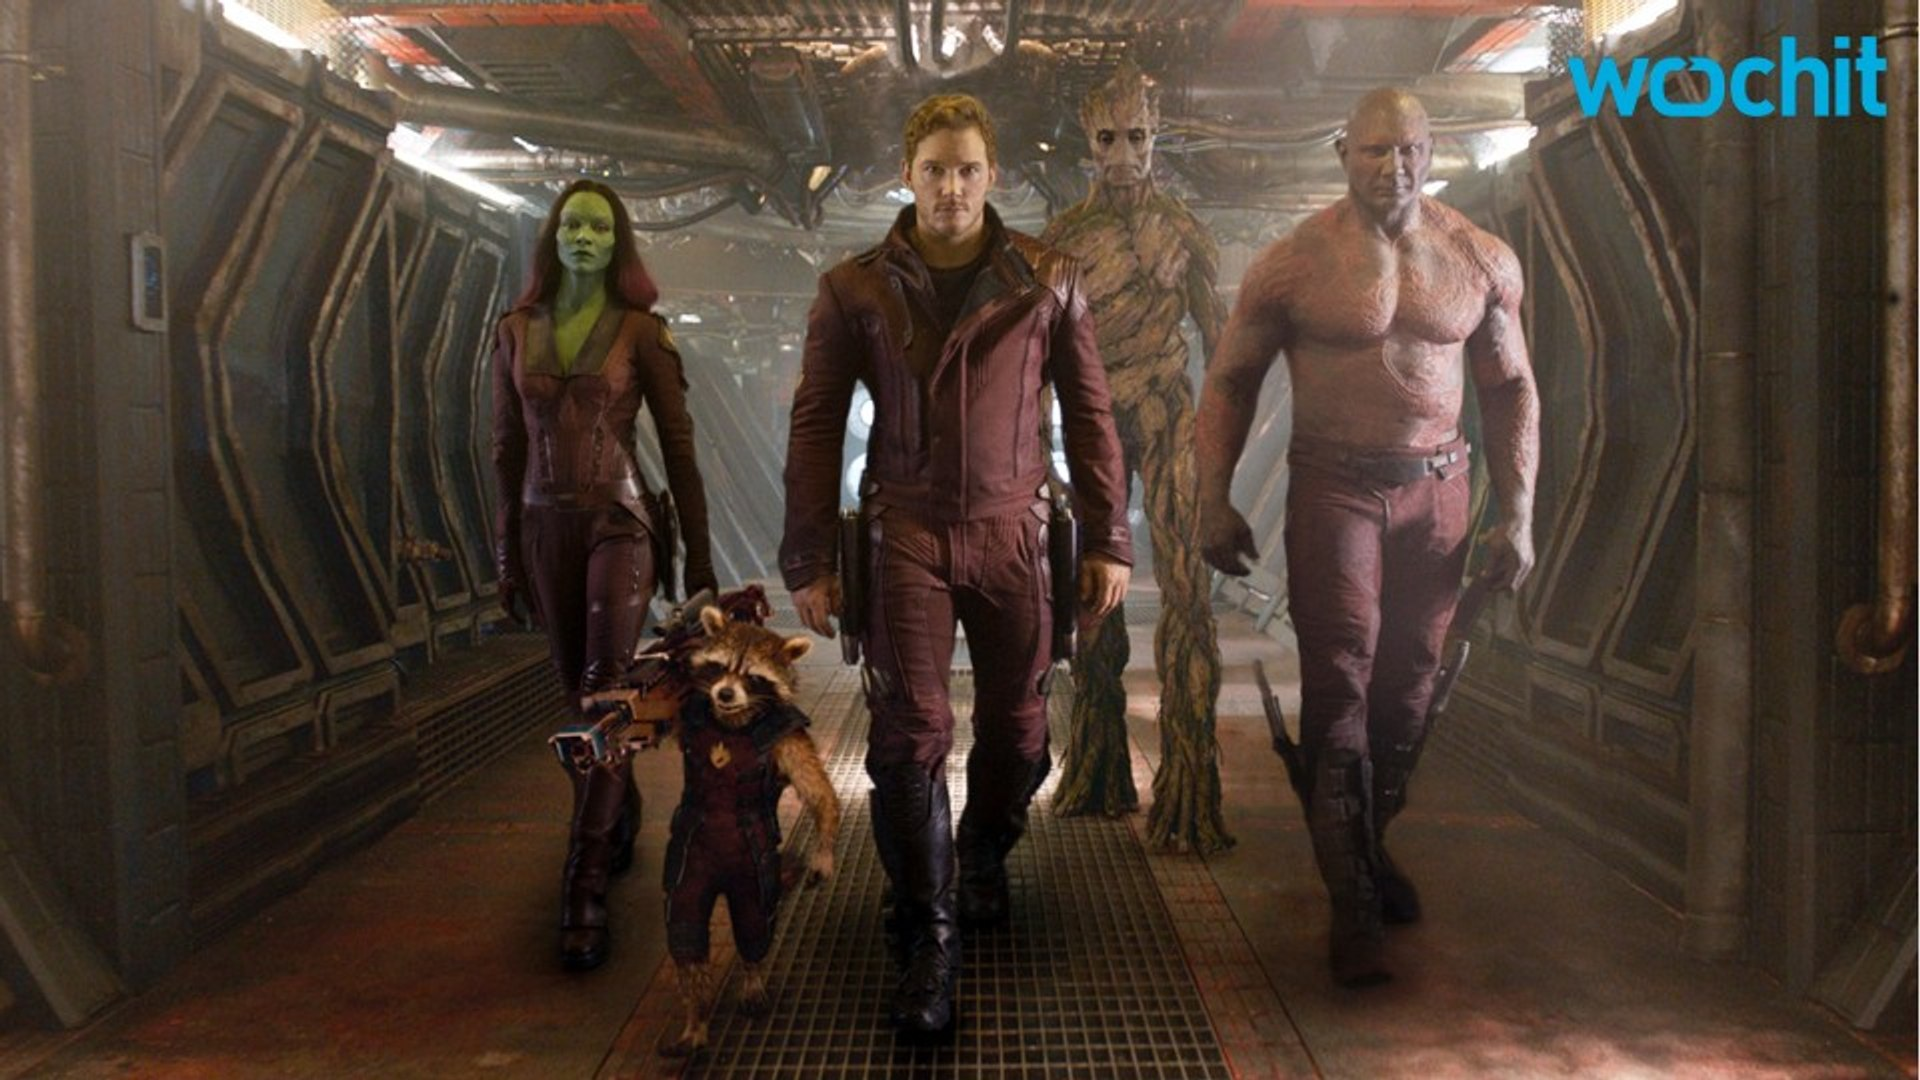 Vin Diesel & James Gunn Have Discussed Groot Solo Movie